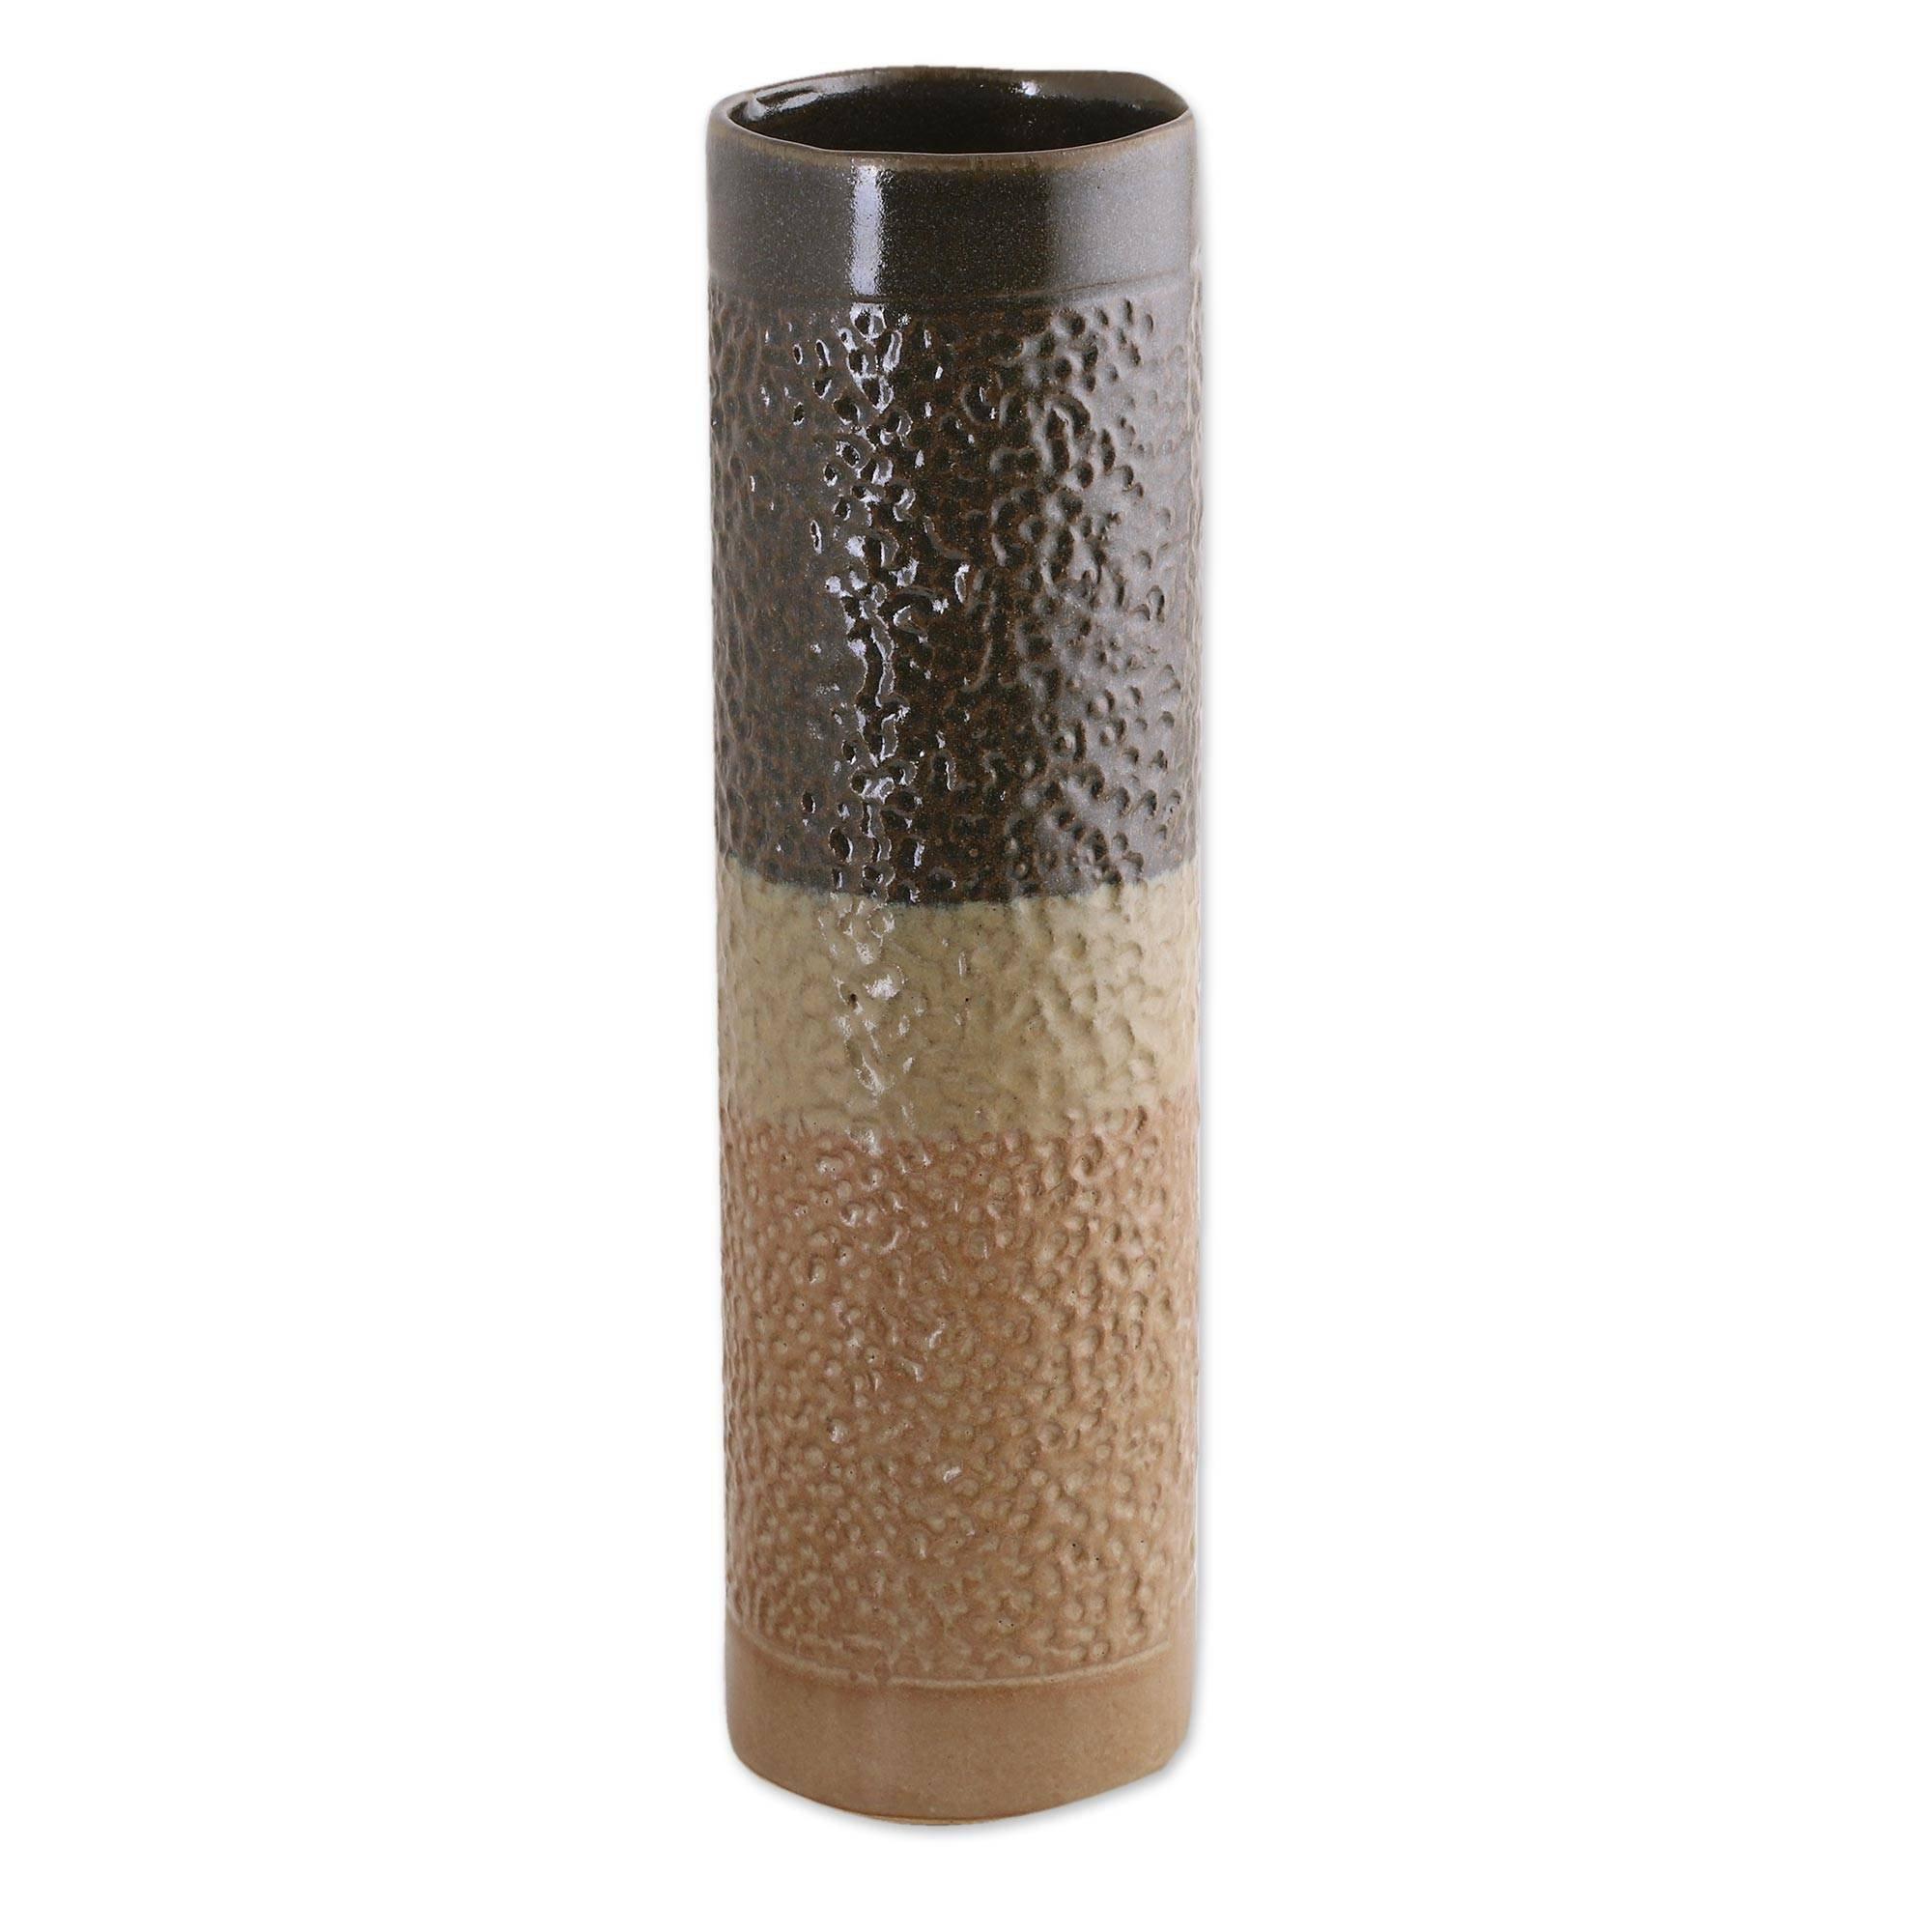 NOVICA Decorative Ceramic Vase, Beige Brown, 'Gravity Pillar'